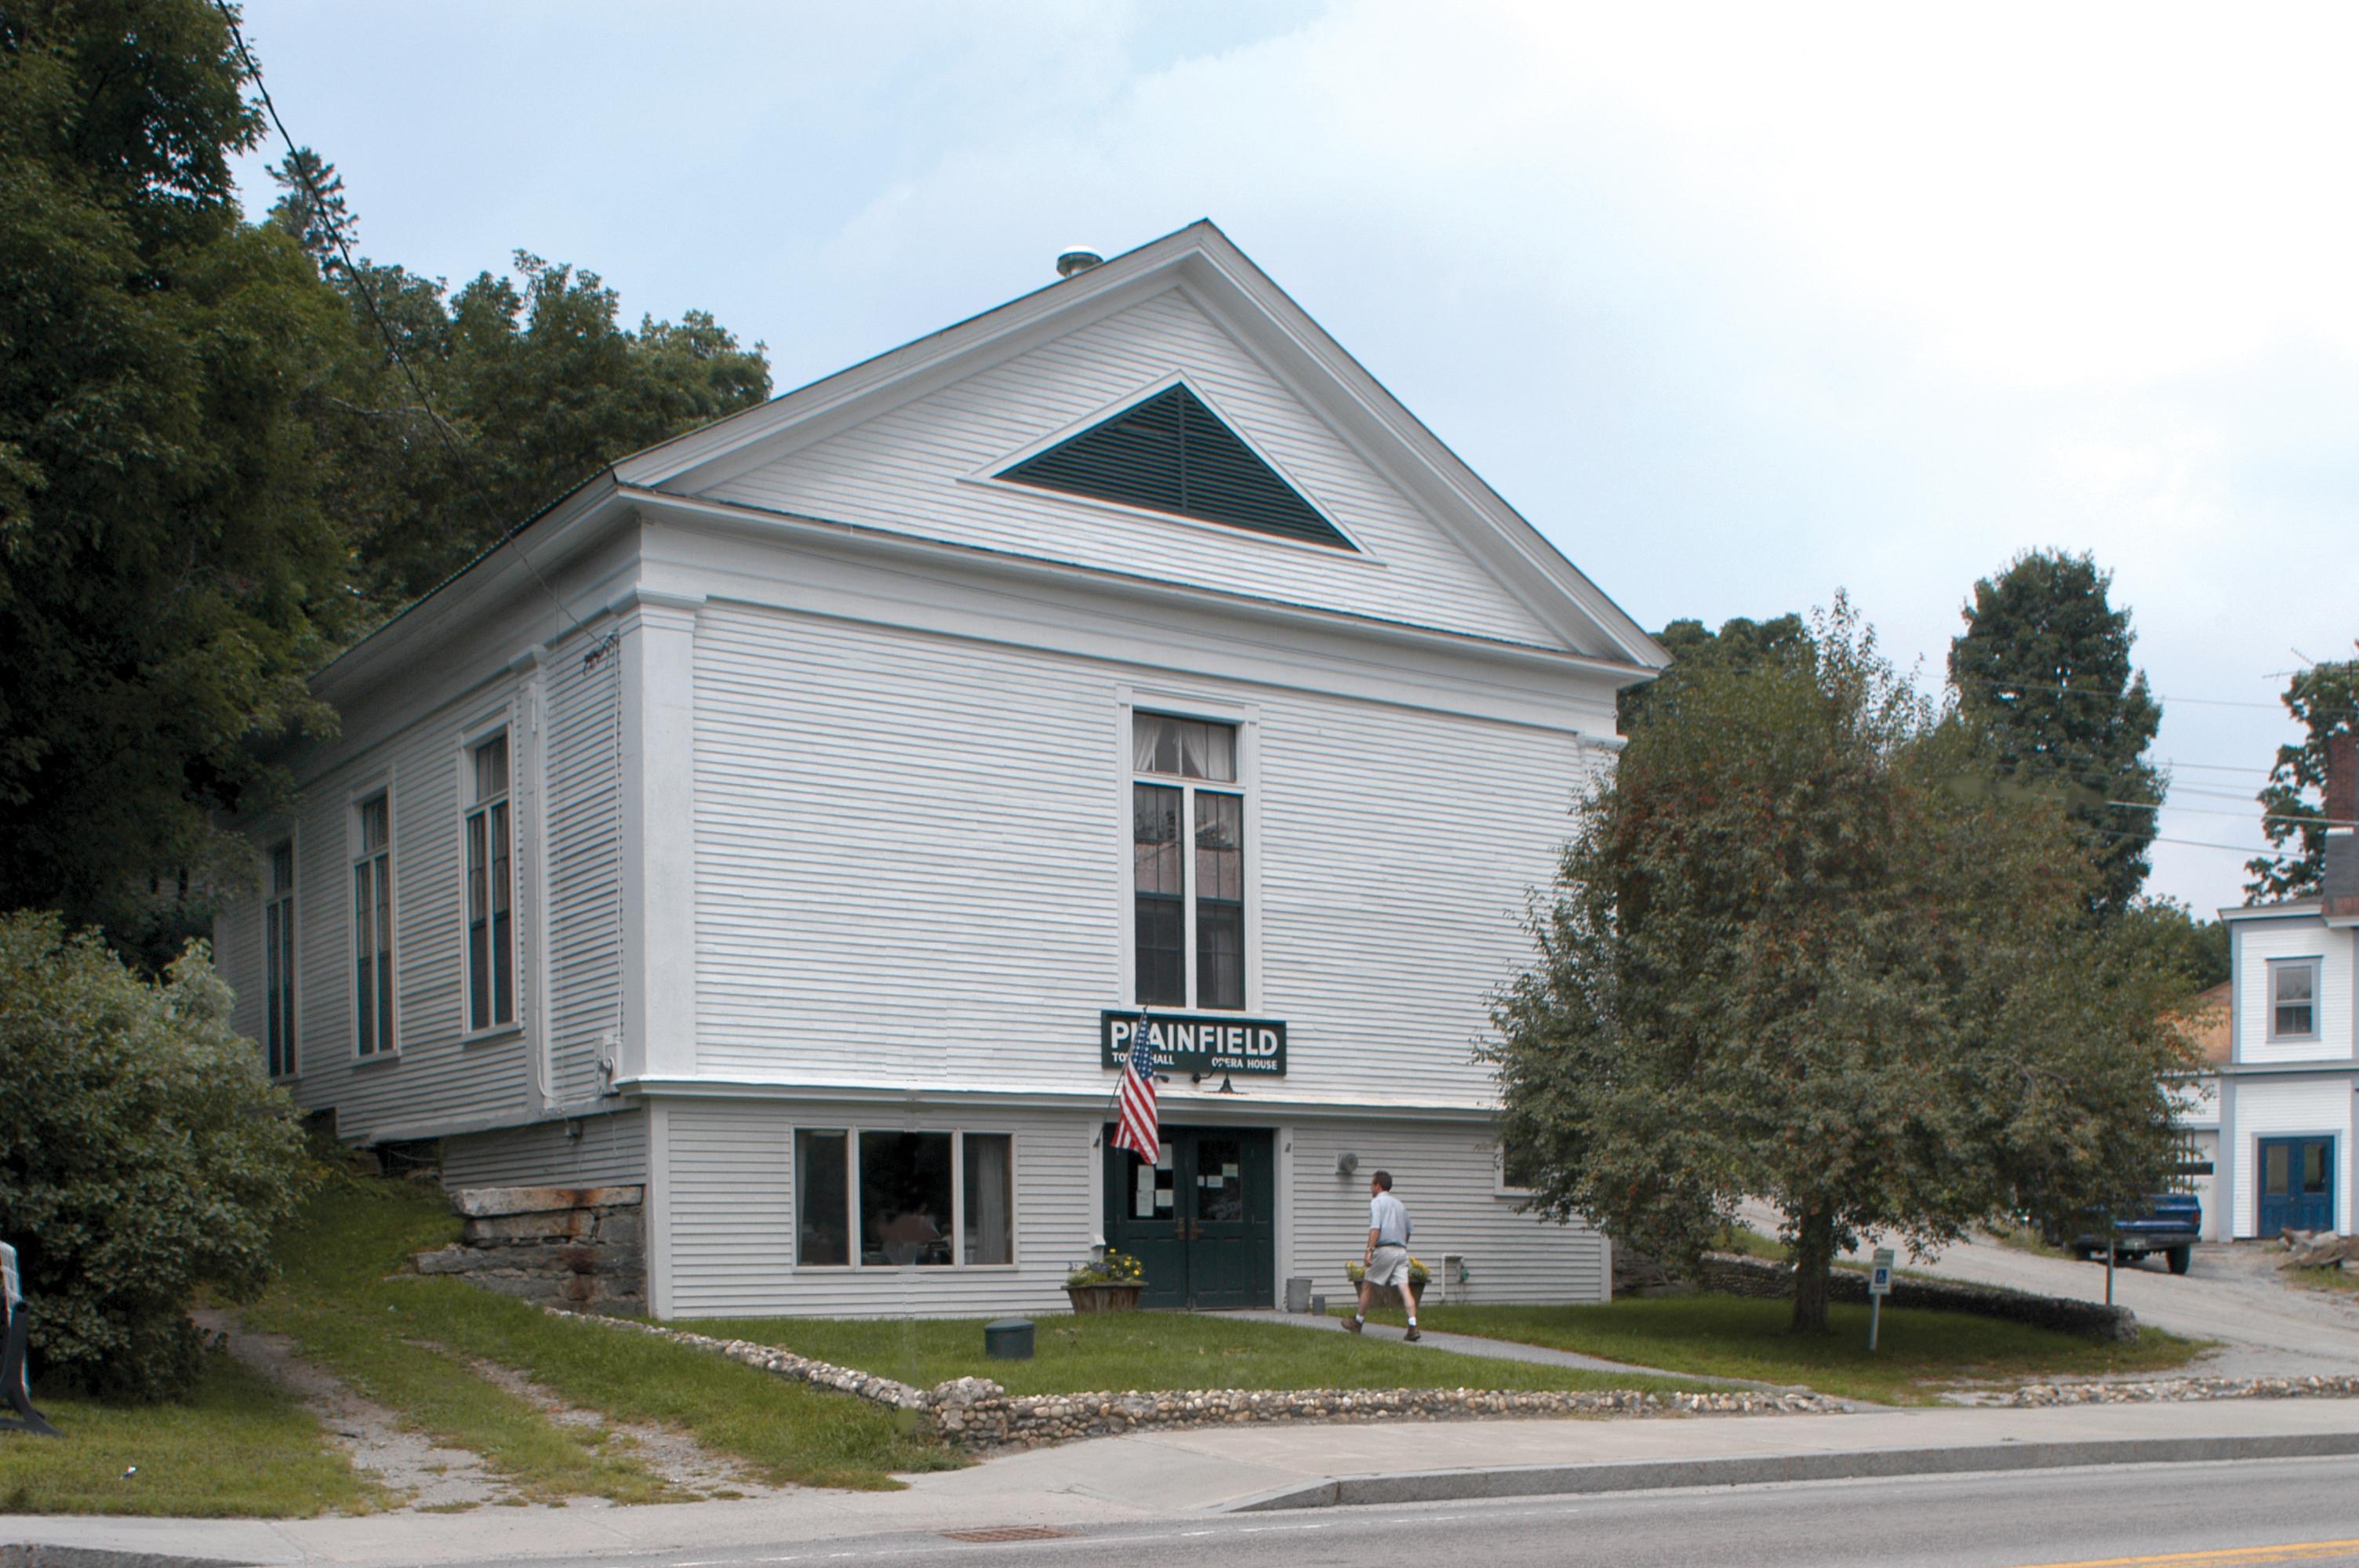 Plainfield Town Office, Plainfield